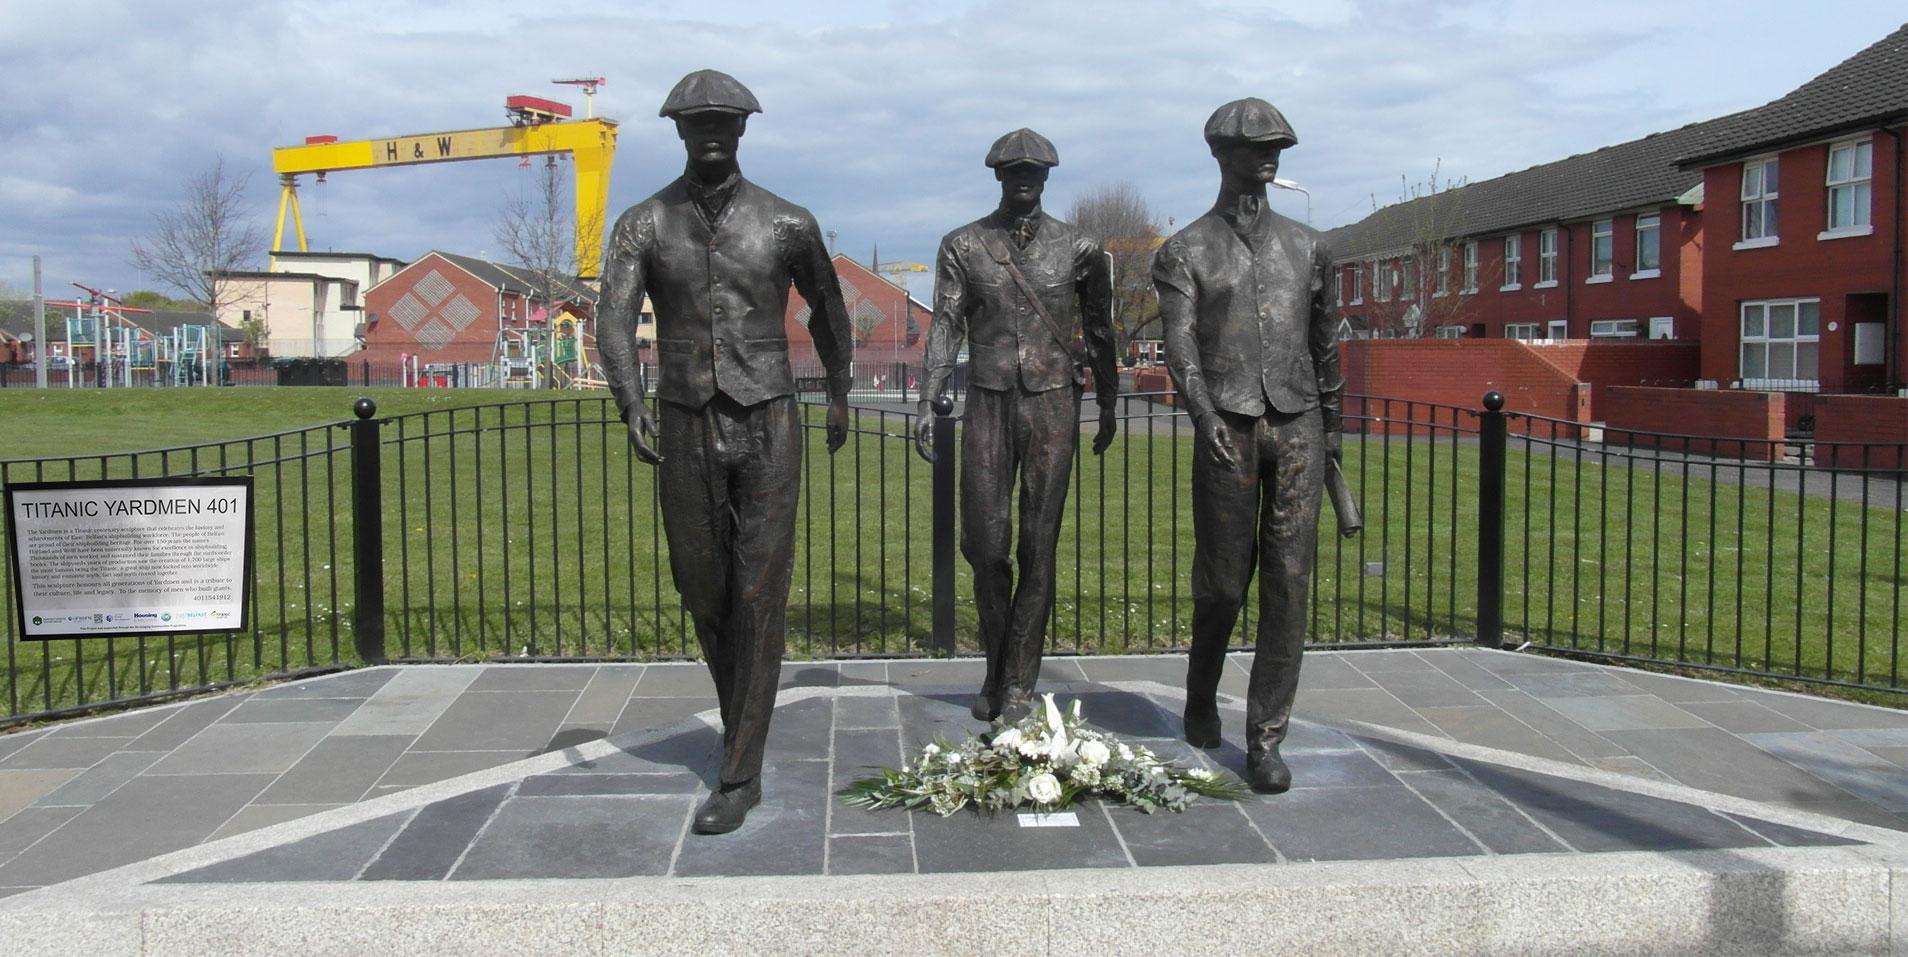 Titanic Yardmen 401 Statues, Belfast